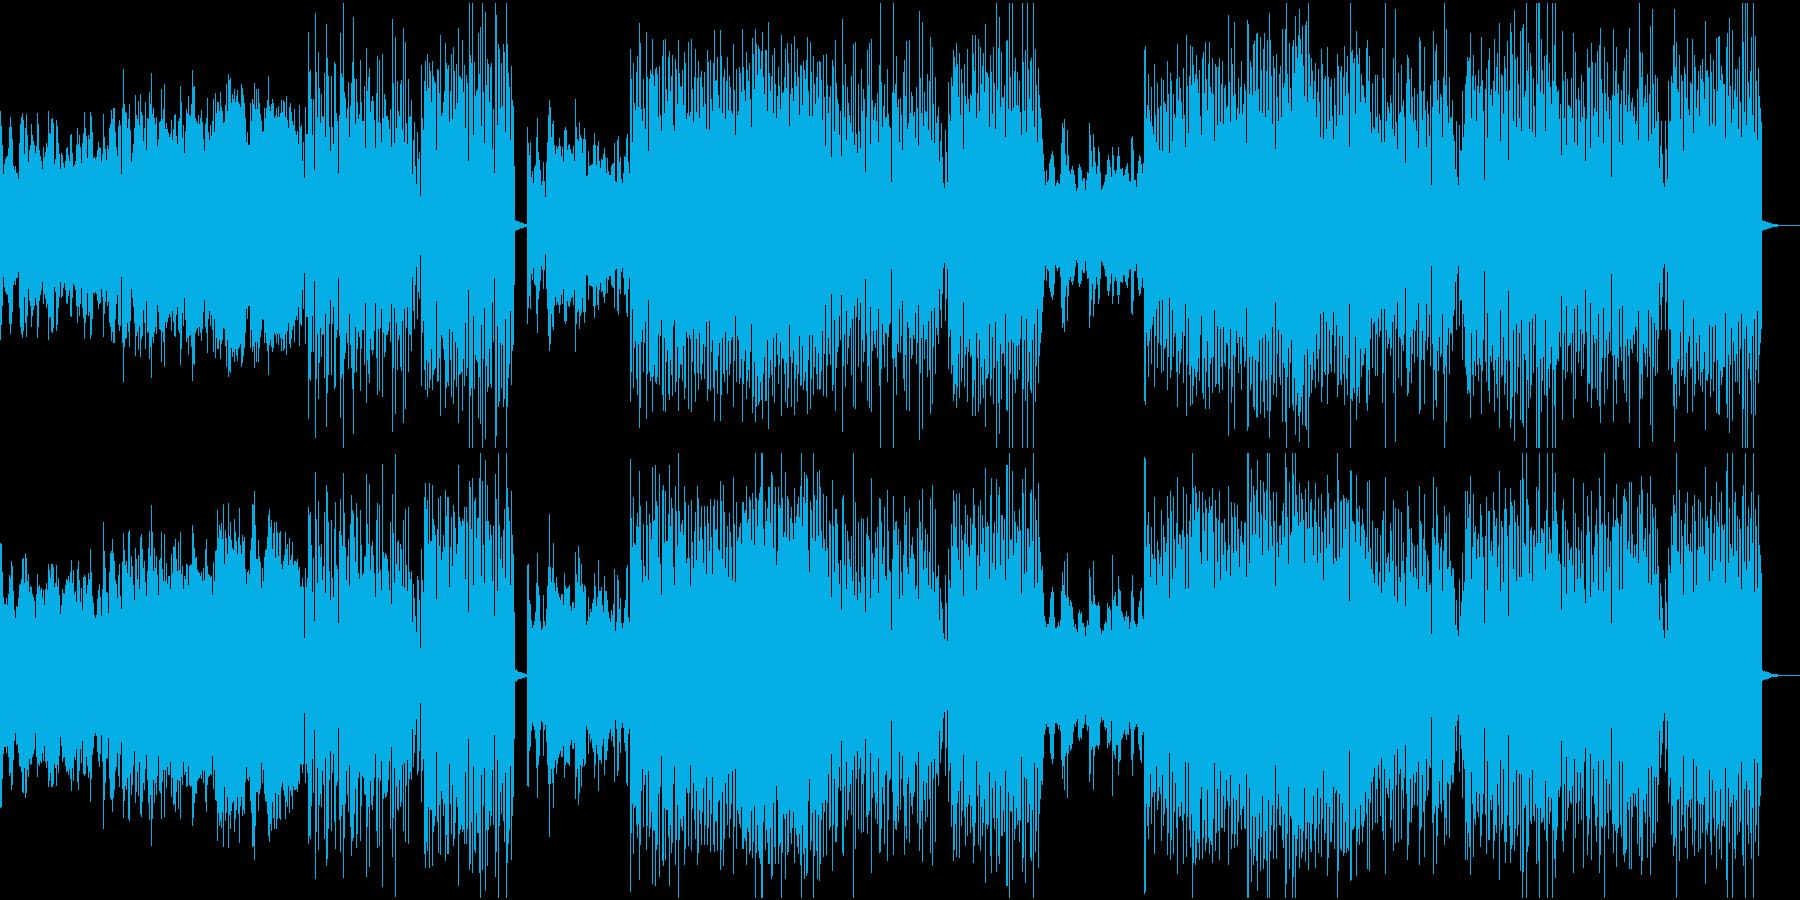 トロピカルハウス、ダンスミュージックの再生済みの波形